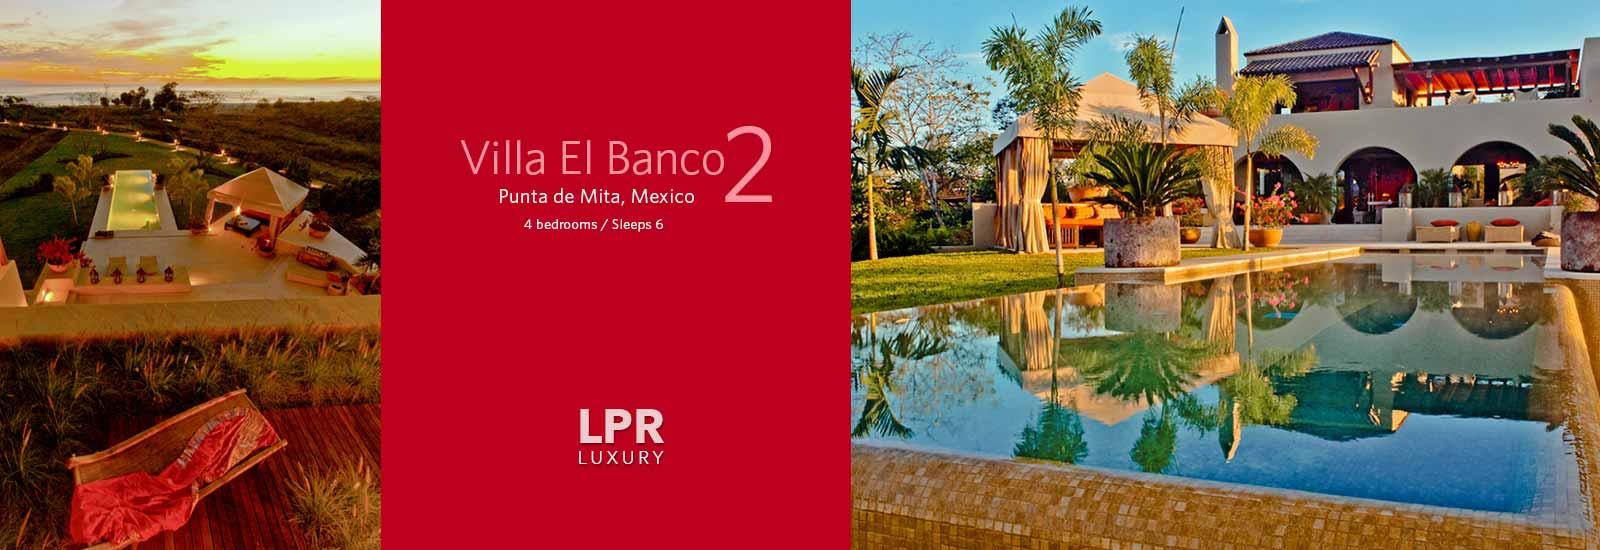 Villa El Banco 2 - Luxury Punta Mita Rentals and Real Estate - Vallarta | Nayarit, Mexico